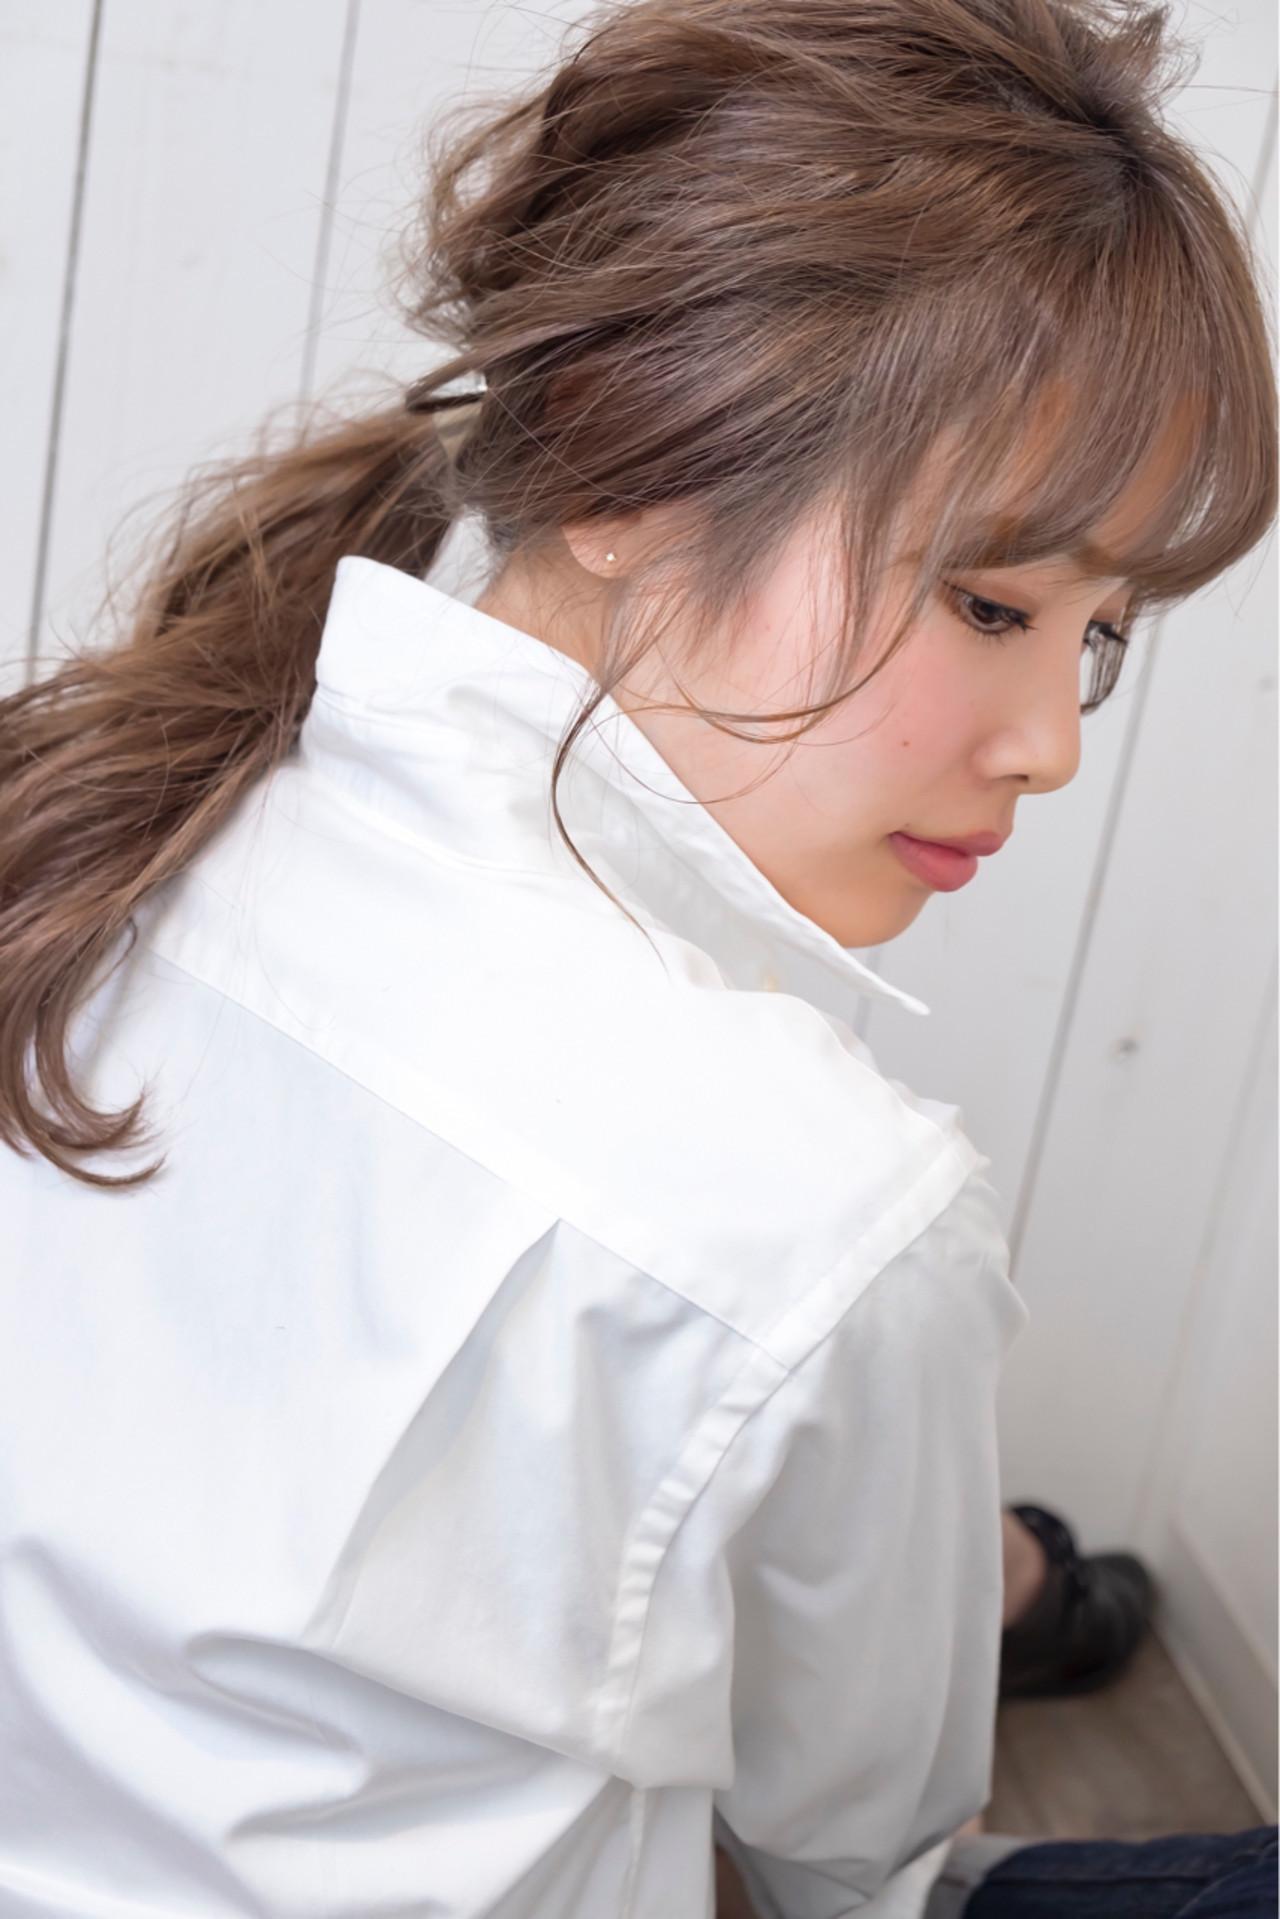 天然パーマを生かそう!くせ毛さん向けのパーマ髪型特集 HIRO